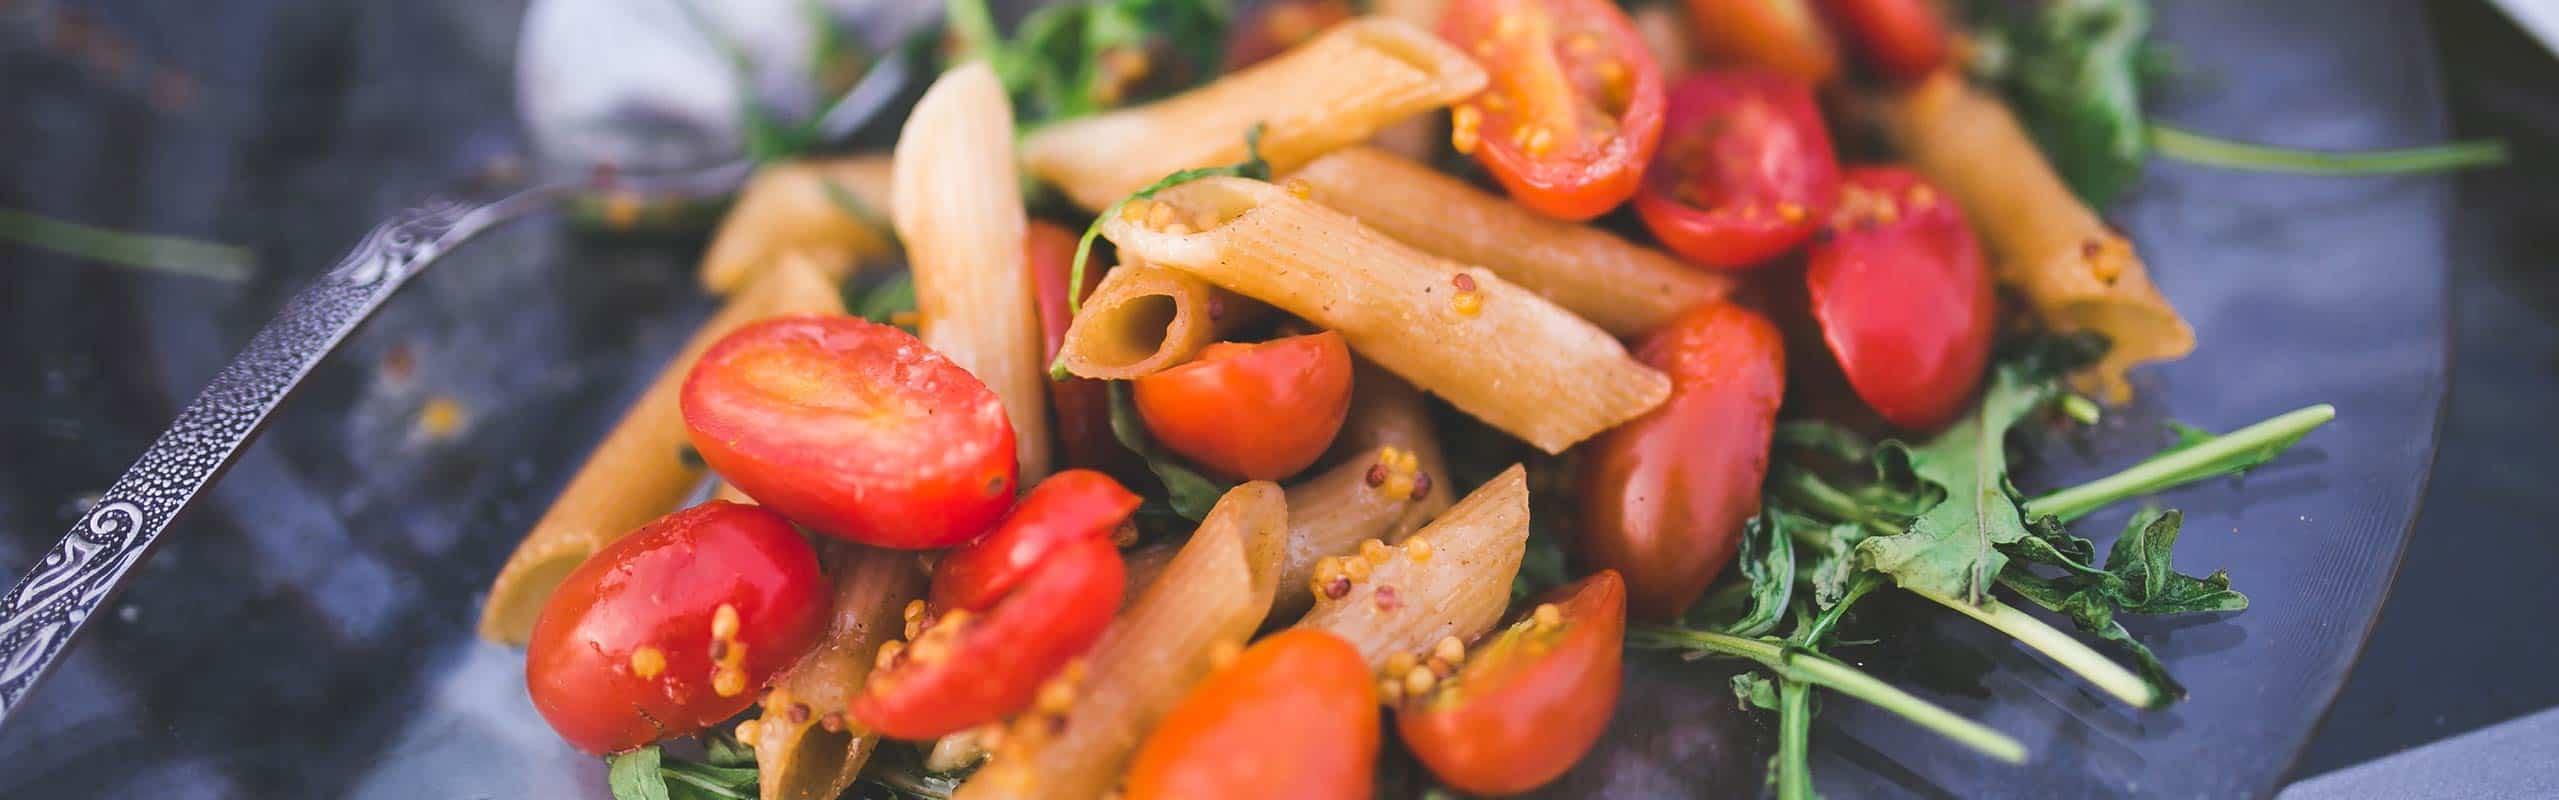 Conoce las claves para una dieta vegetariana saludable